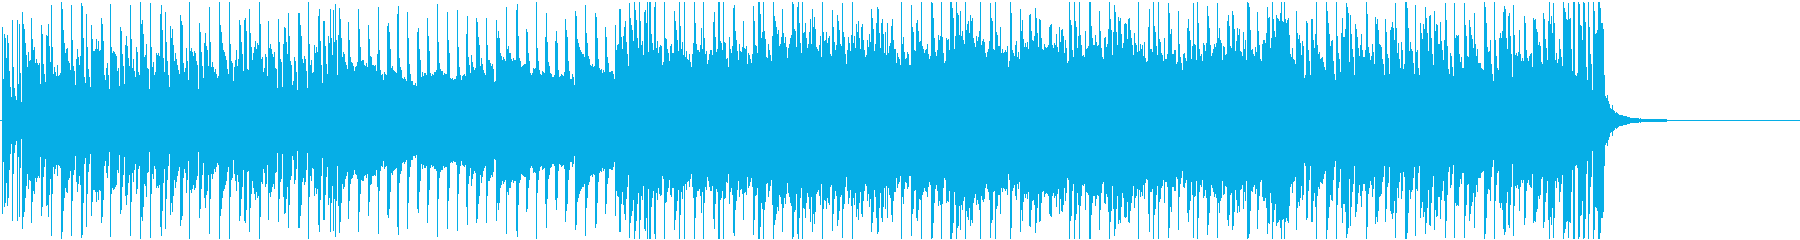 激しいギターロックの再生済みの波形